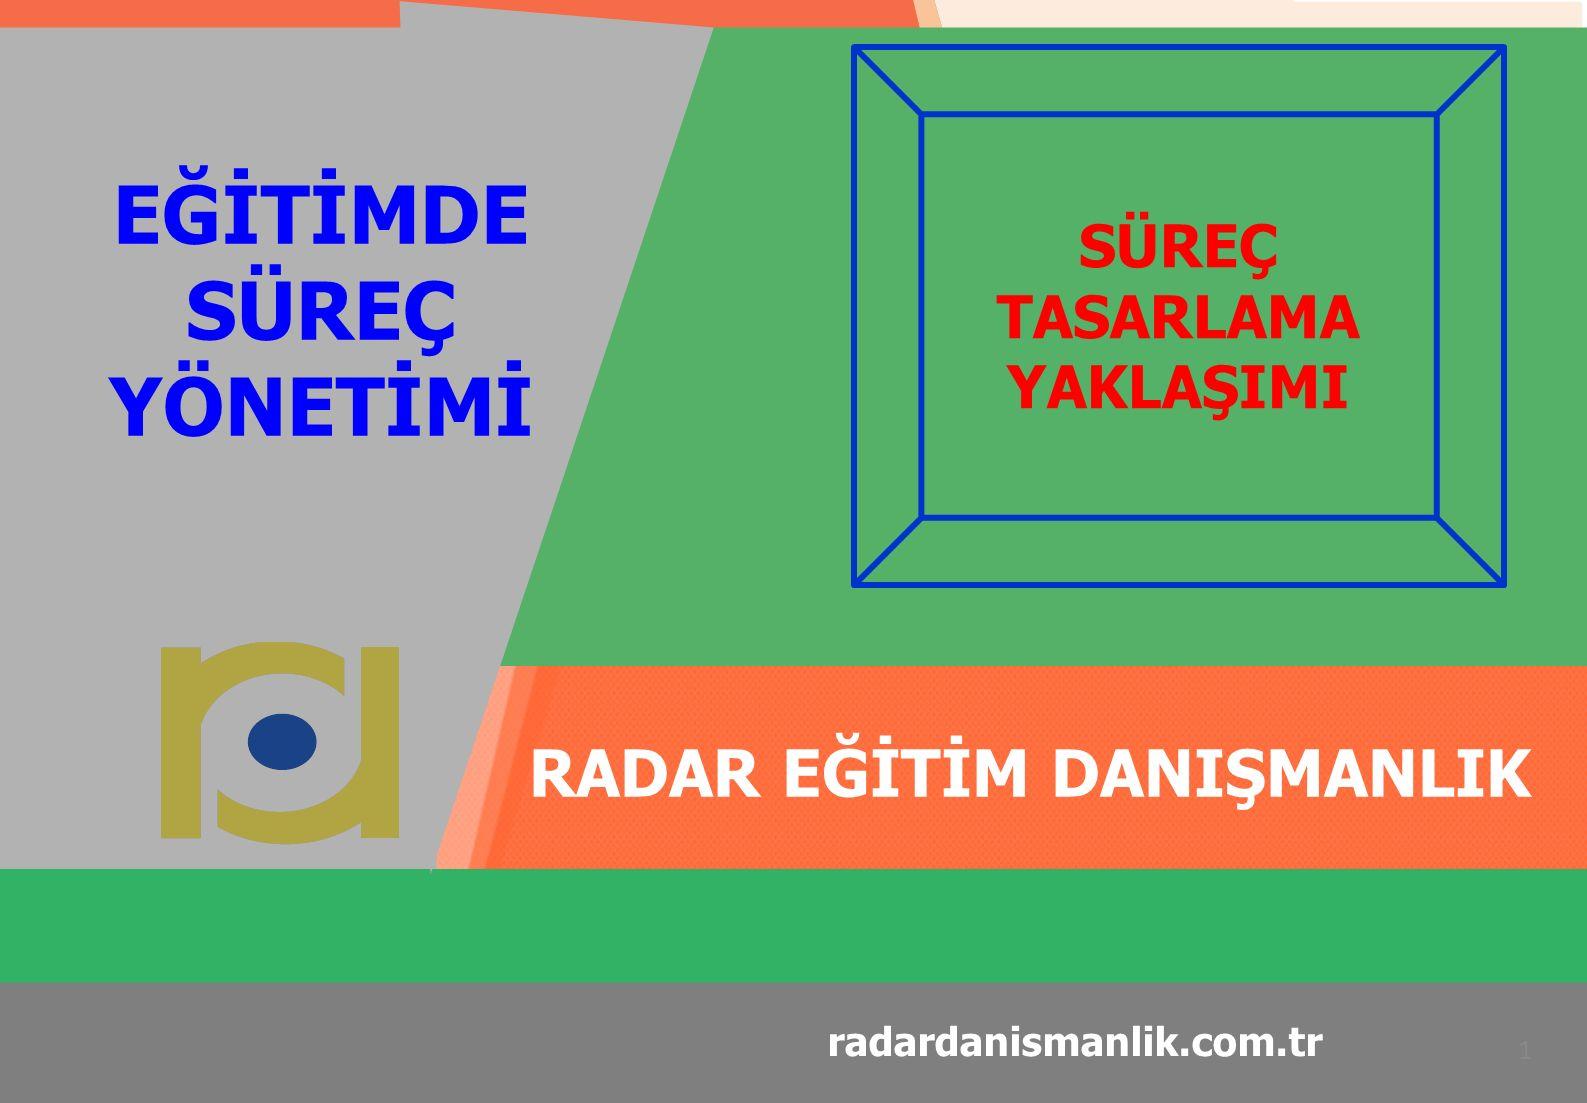 RADAR EĞİTİM DANIŞMANLIK 1 radardanismanlik.com.tr EĞİTİMDE SÜREÇ YÖNETİMİ SÜREÇ TASARLAMA YAKLAŞIMI